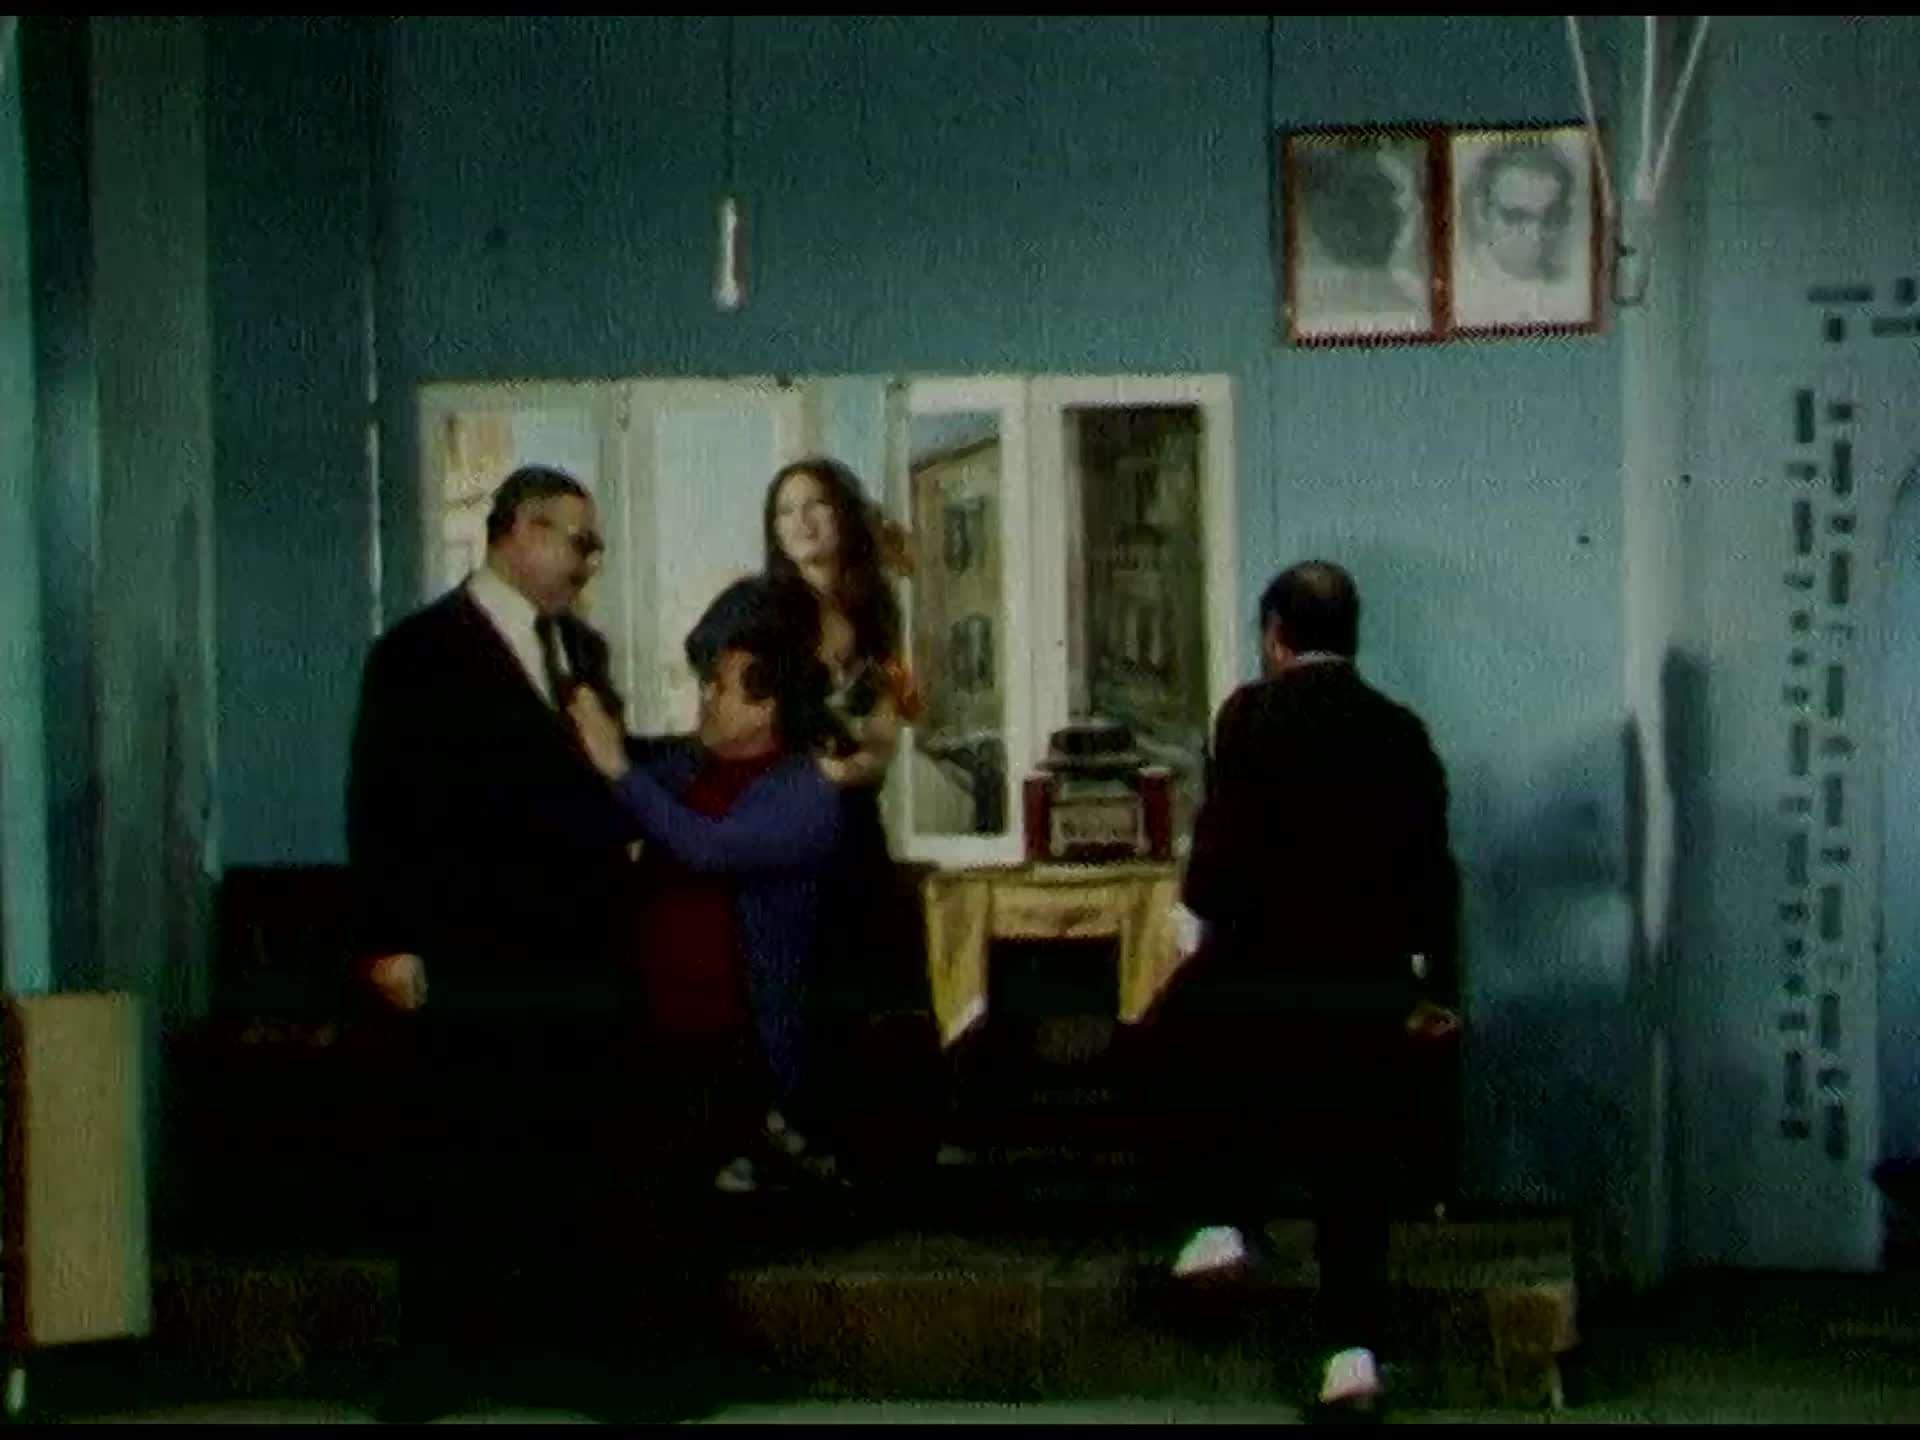 مسرحية لوليتا (1974) 1080p تحميل تورنت 14 arabp2p.com